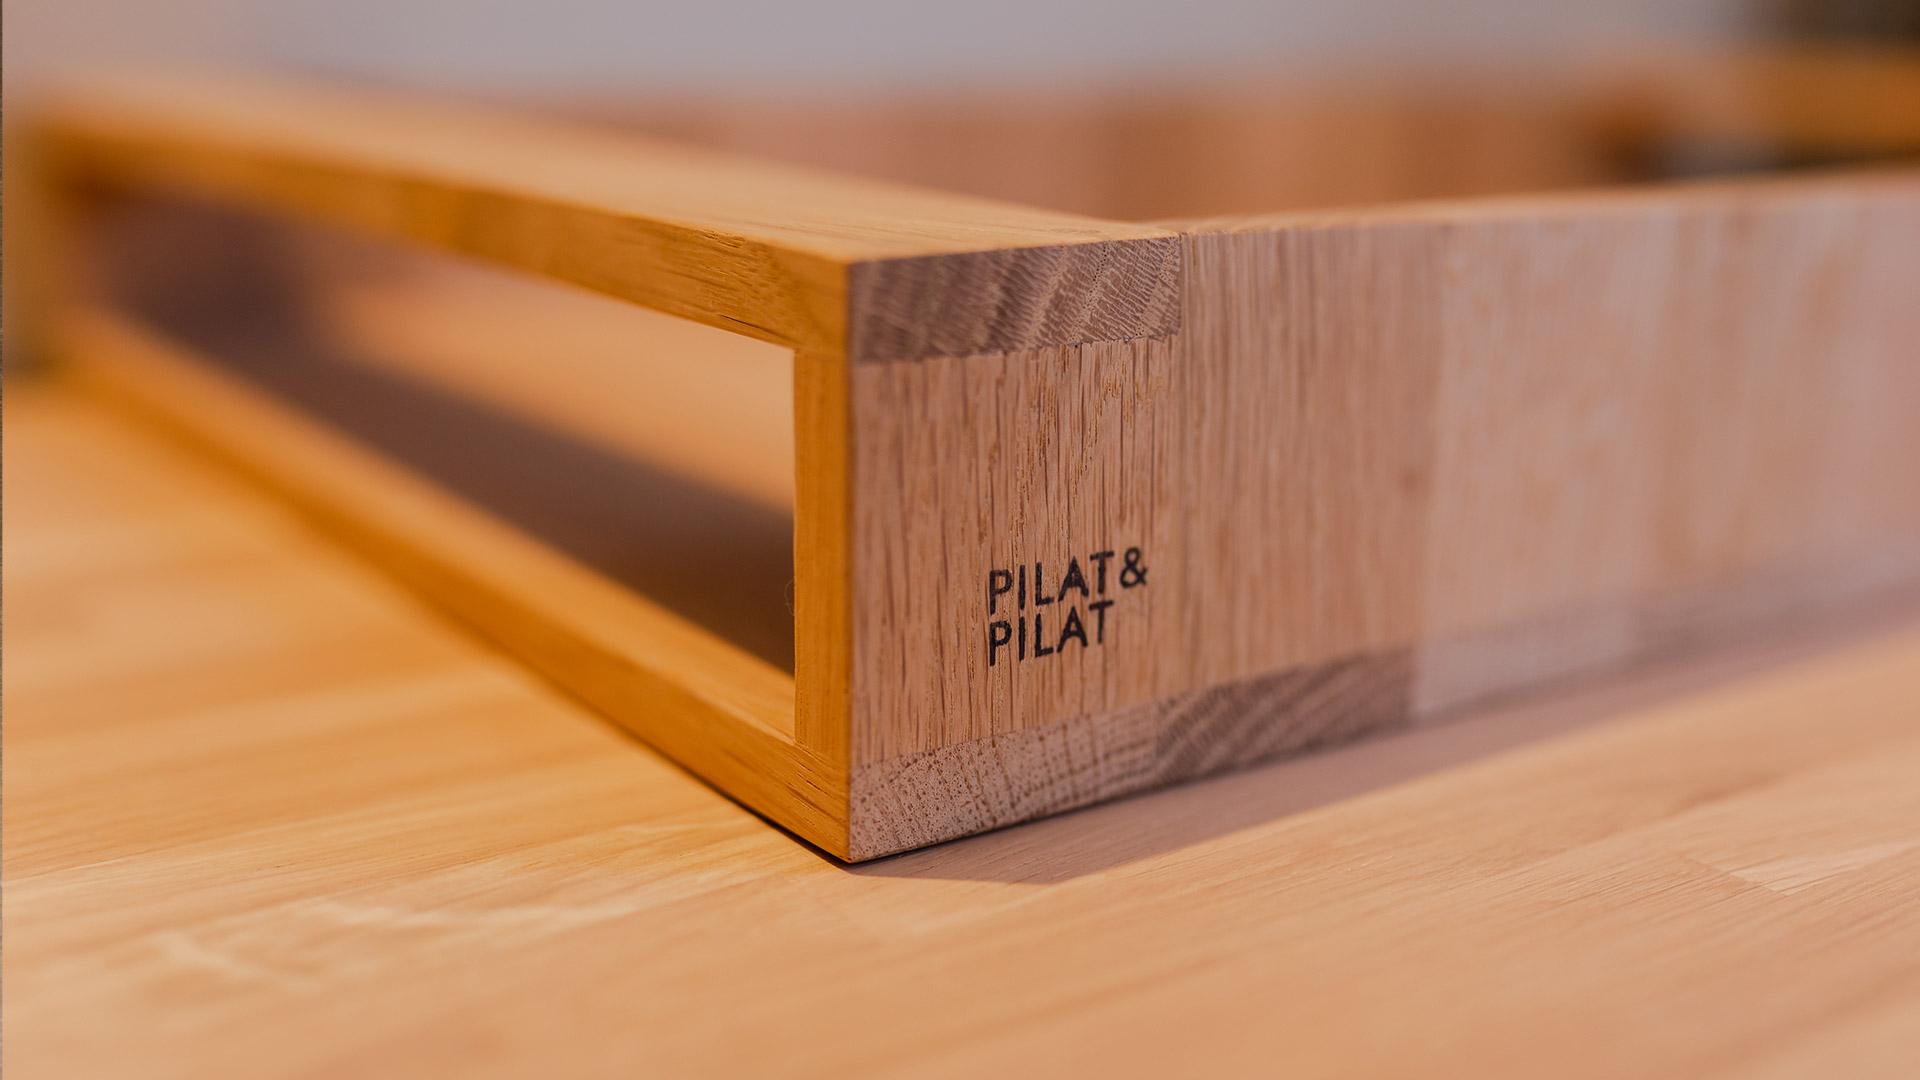 Interieur double room 2 door Pilat&Pilat: Hotel de ABIJ Dokkum